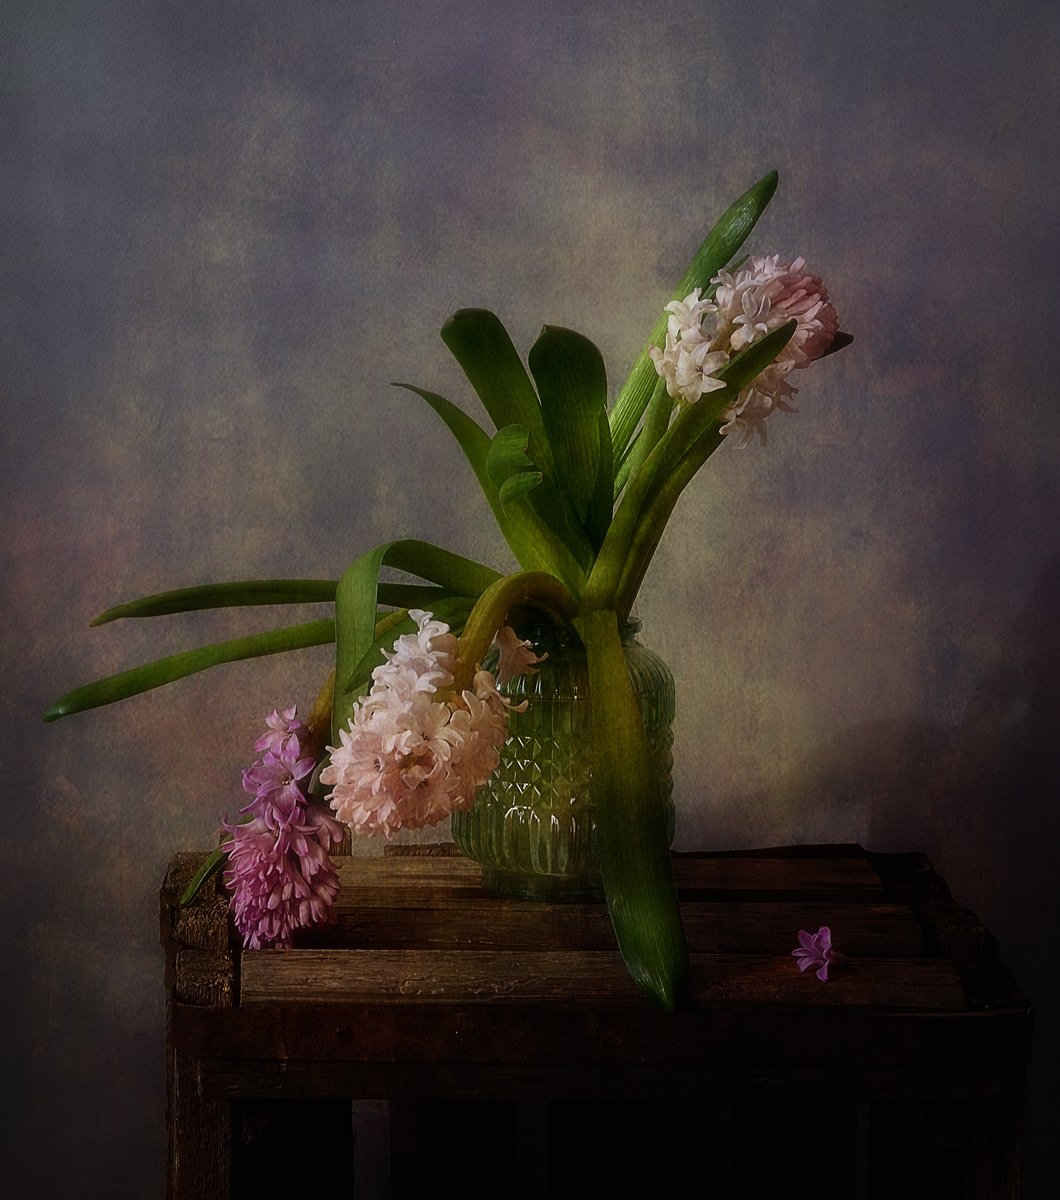 натюрморт,весна,цветы,гиацинты, Наталия К